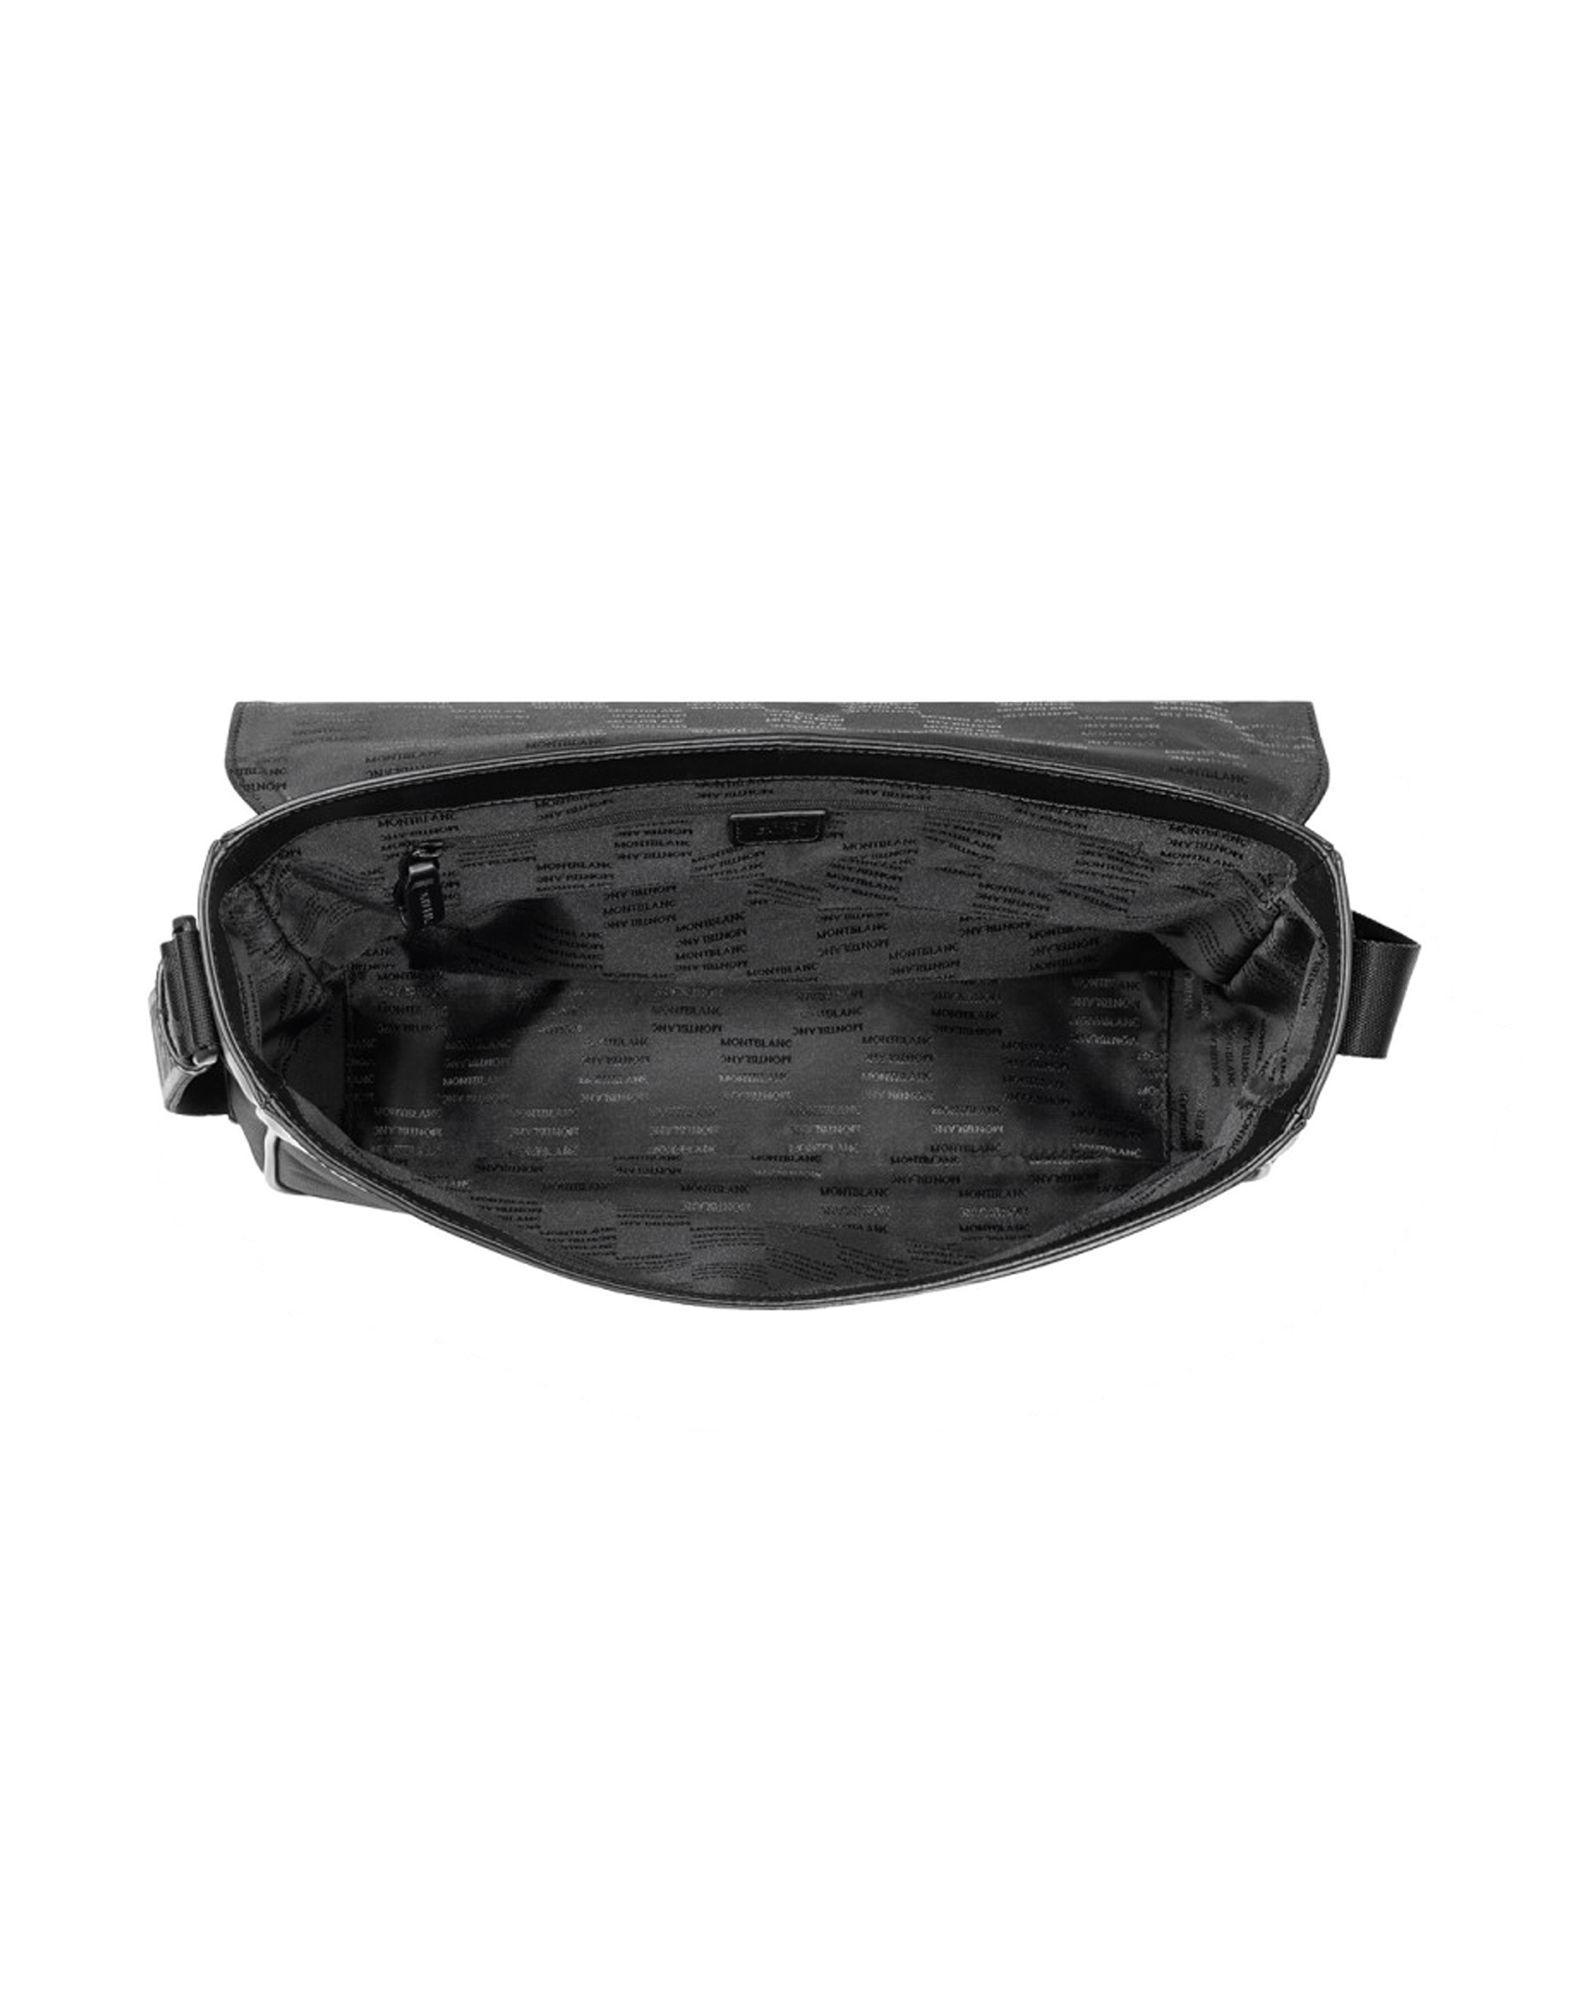 Lyst - Sacs Bandoulière Montblanc pour homme en coloris Noir 432f2fef53f